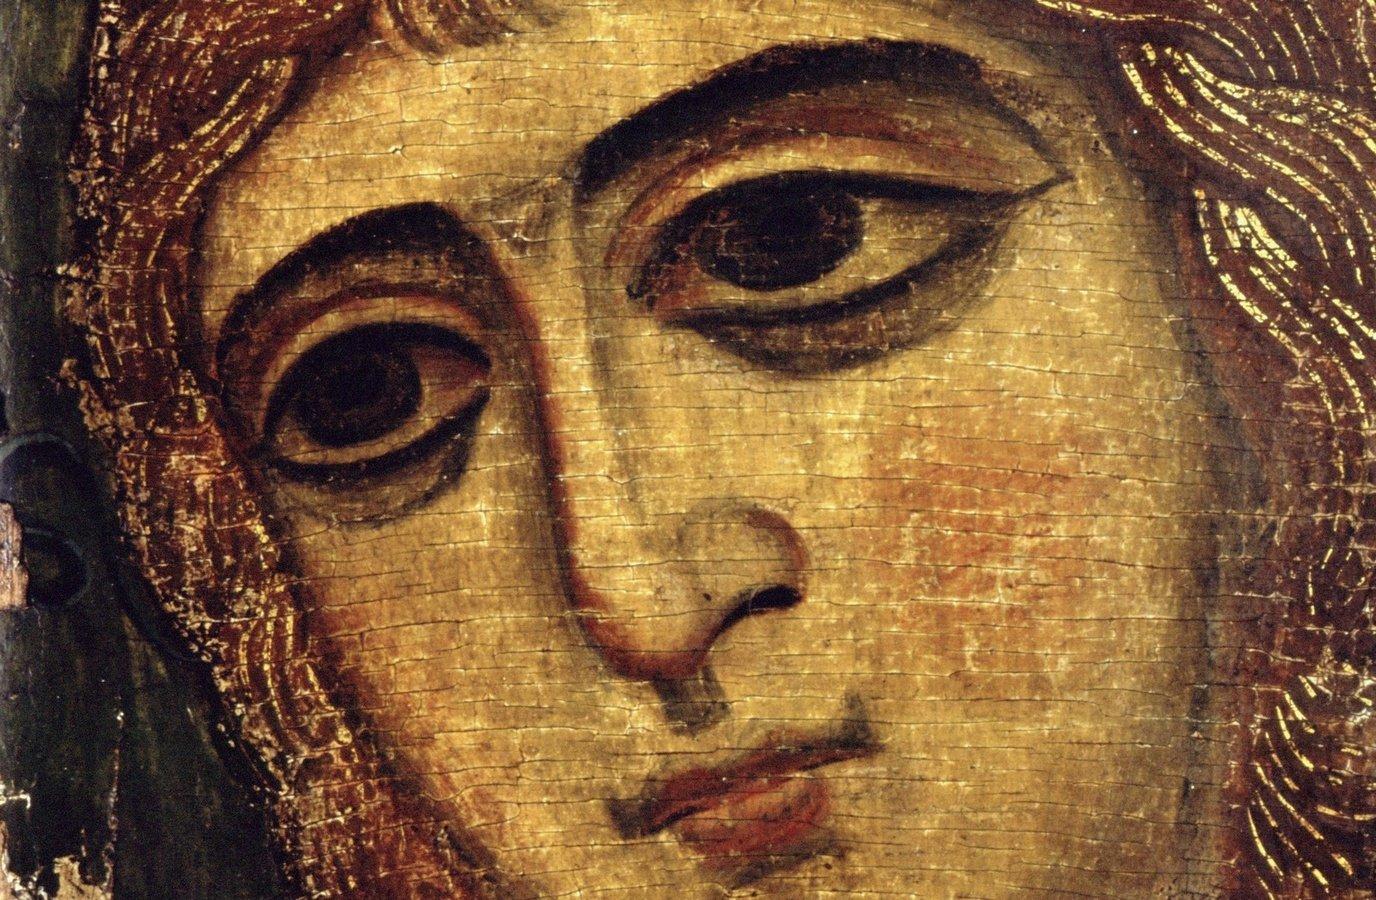 """Архангел Гавриил (""""Ангел Златые власы""""). Икона. Русь, около 1200 года. Фрагмент."""